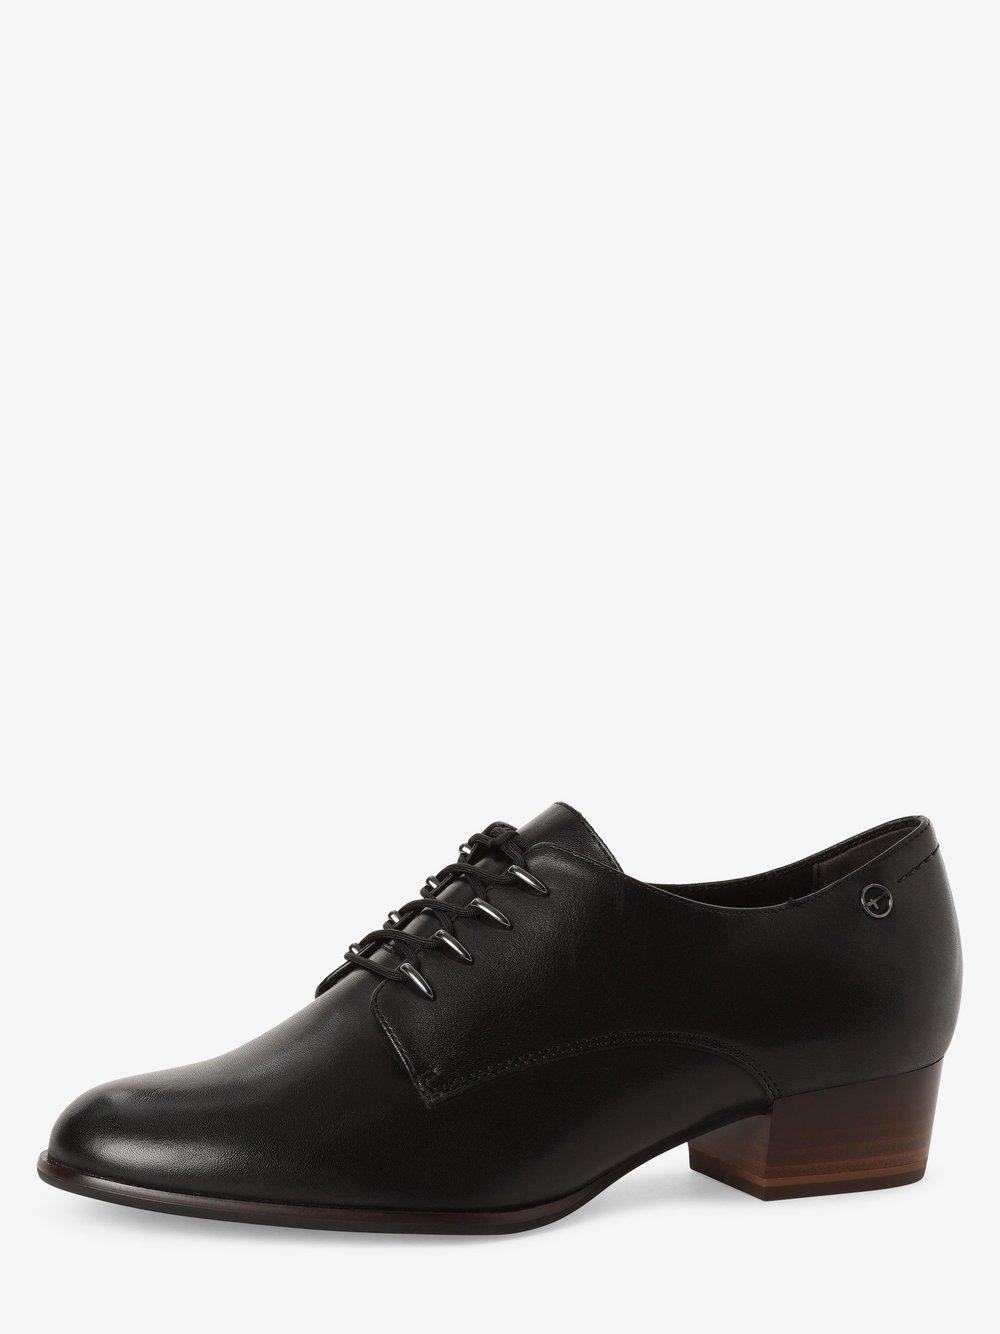 Tamaris Damen Schnürschuhe online kaufen | VANGRAAF.COM